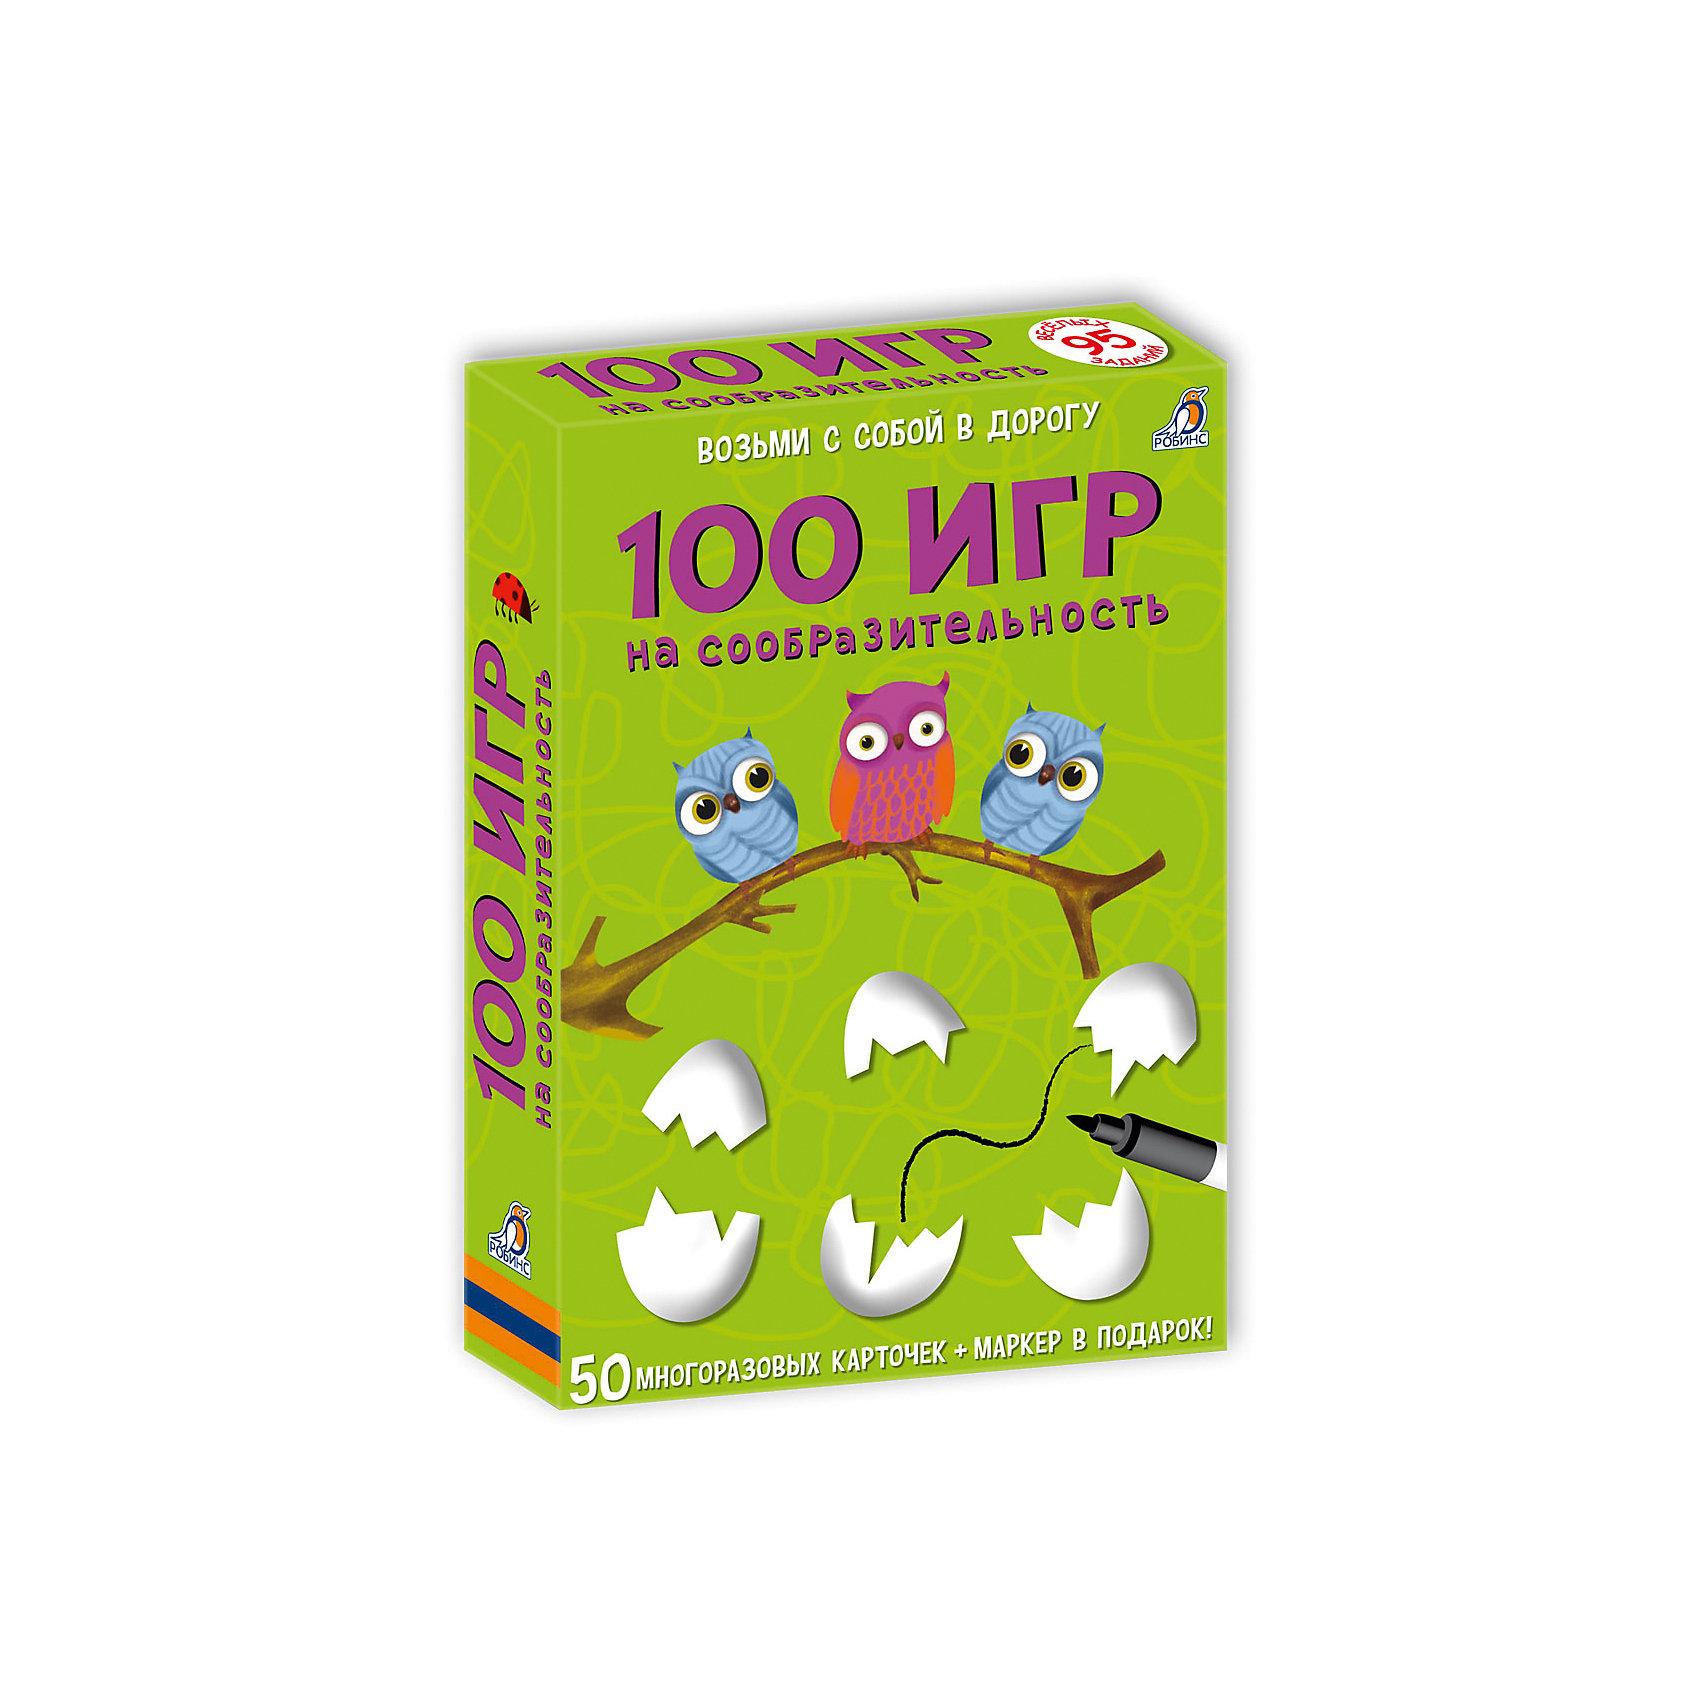 Карточки 100 игр на сообразительностьОбучающие карточки<br>Набор из 50 двусторонних многоразовых карточек. Вас и Вашего ребенка ждут 100 увлекательных игр на сообразительность, логические задачки и головоломки, игры на внимание, память, воображение, кроссворды и лабиринты, задачки на счёт, чтение и письмо, а также интересные задания для рисования.<br><br>Важно знать родителям:<br><br> Набор карточек рекомендован детям от 5 лет, а также детям более старшего возраста.<br> Рекомендованы для:<br>– индивидуальных занятий;<br>– групповых занятий;<br>– игры в компании, всей семьёй дома и в поездках.<br>Для работы с карточками подходит любой фломастер на водной основе.<br>Развивают логику, мышление и речь, внимание, память, зрительное восприятие, воображение и мелкую моторику. <br><br>Дополнительная информация:<br><br>- карточки сделаны из плотного картона<br>- каждая карточка – двусторонняя и имеет яркую картинку<br><br>Внутри Вы   обнаружите:<br>- 50 двусторонних карточек;<br>- маркер на водной основе<br><br>Карточки 100 игр на сообразительность можно купить в нашем интернет-магазине.<br><br>Ширина мм: 155<br>Глубина мм: 115<br>Высота мм: 25<br>Вес г: 291<br>Возраст от месяцев: 60<br>Возраст до месяцев: 96<br>Пол: Унисекс<br>Возраст: Детский<br>SKU: 4967223